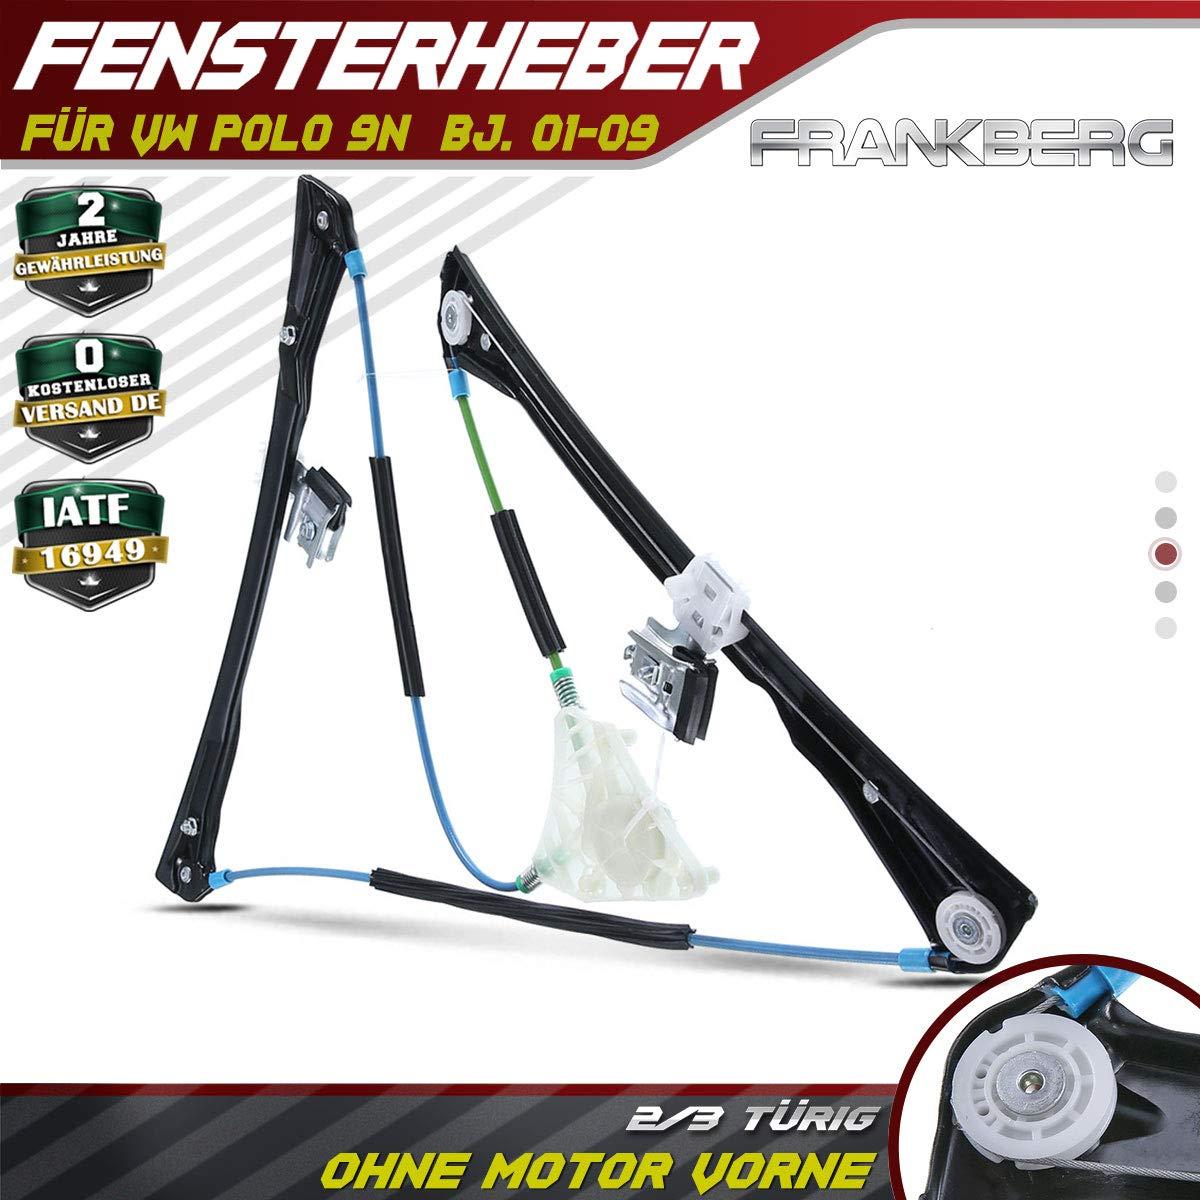 Frankberg Fensterheber Elektrisch Ohne Motor Vorne Links f/ür Polo 9N 2//3-T/ürig 2001-2009